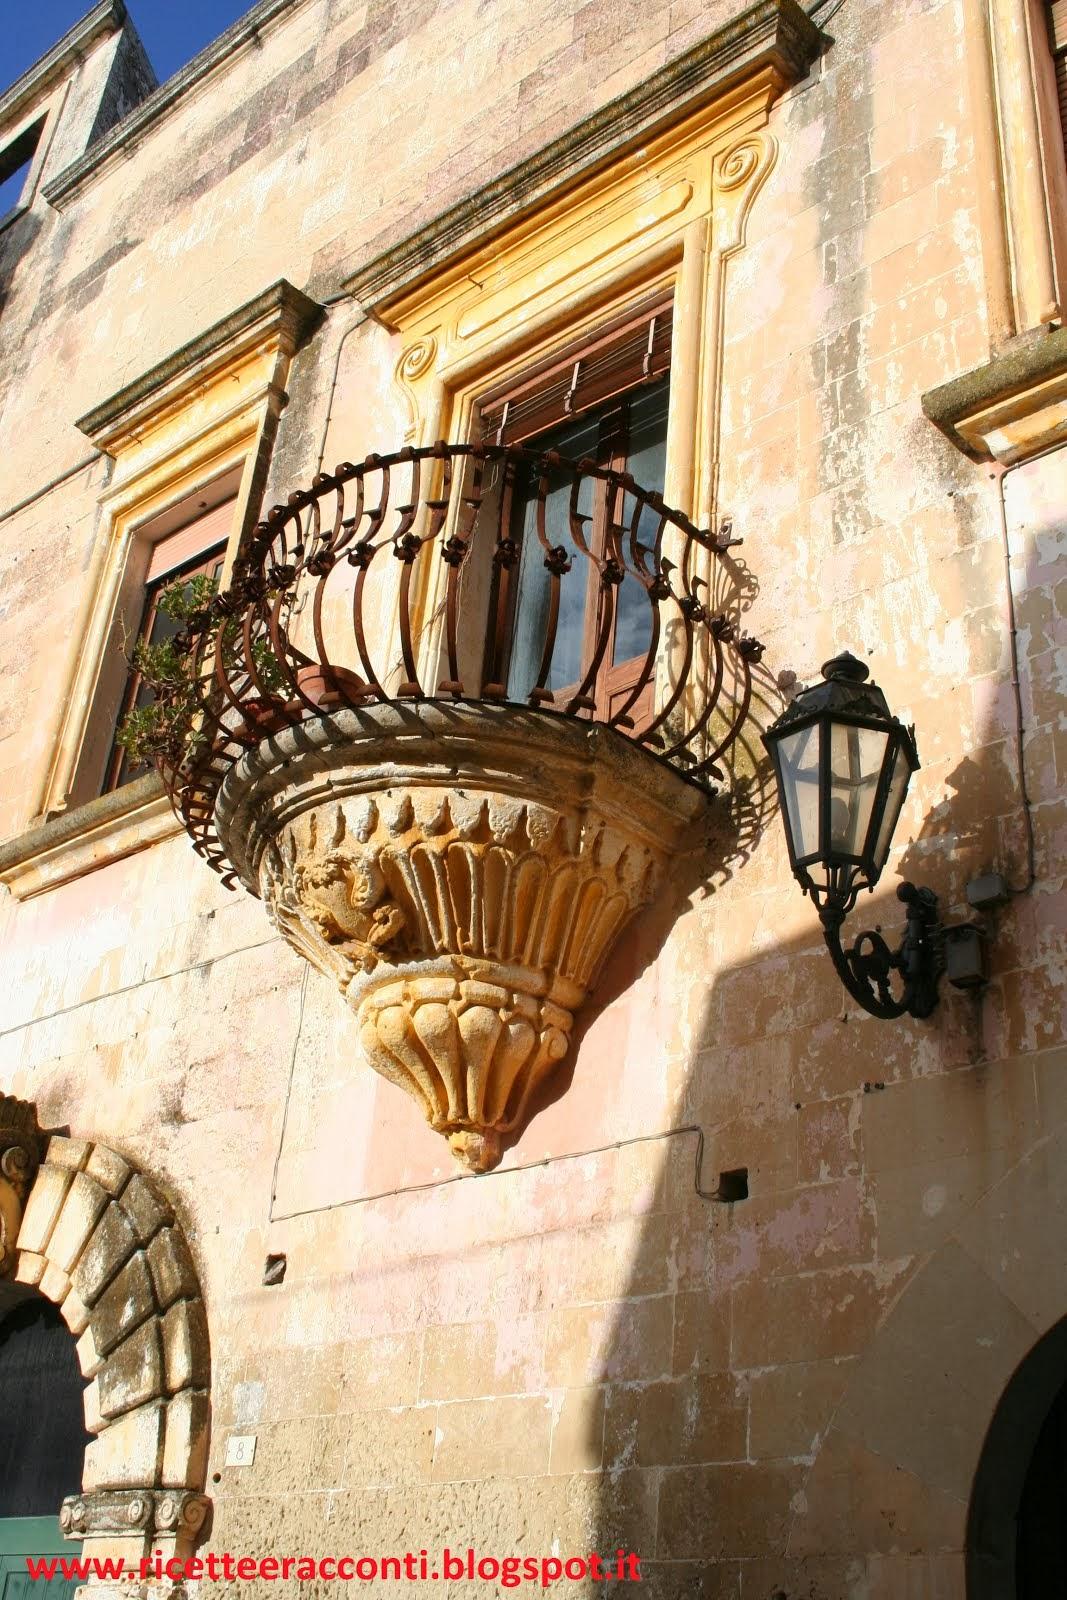 Un romantico balcone a Corigliano